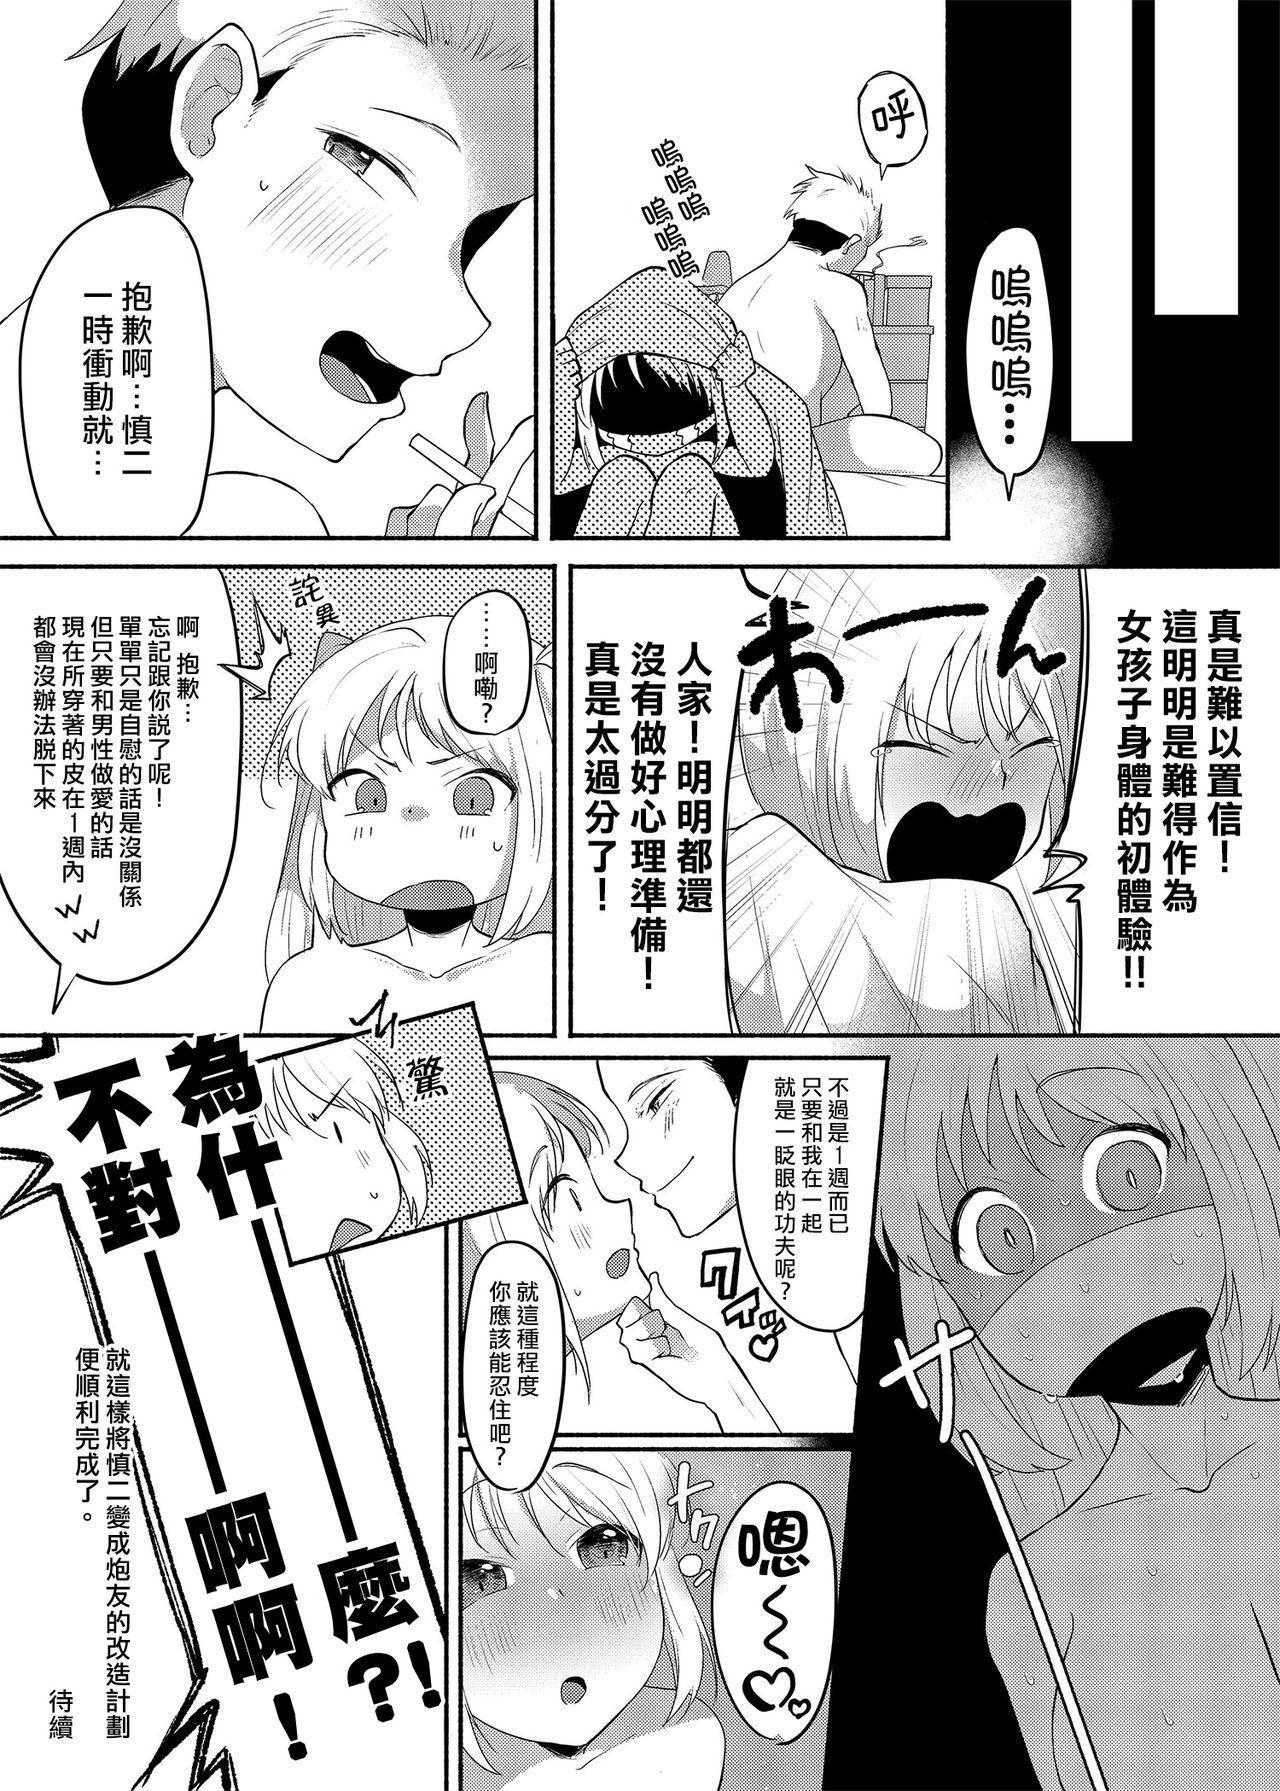 Josouheki ga Kojiretara Konna Otona ni Narimashita 30